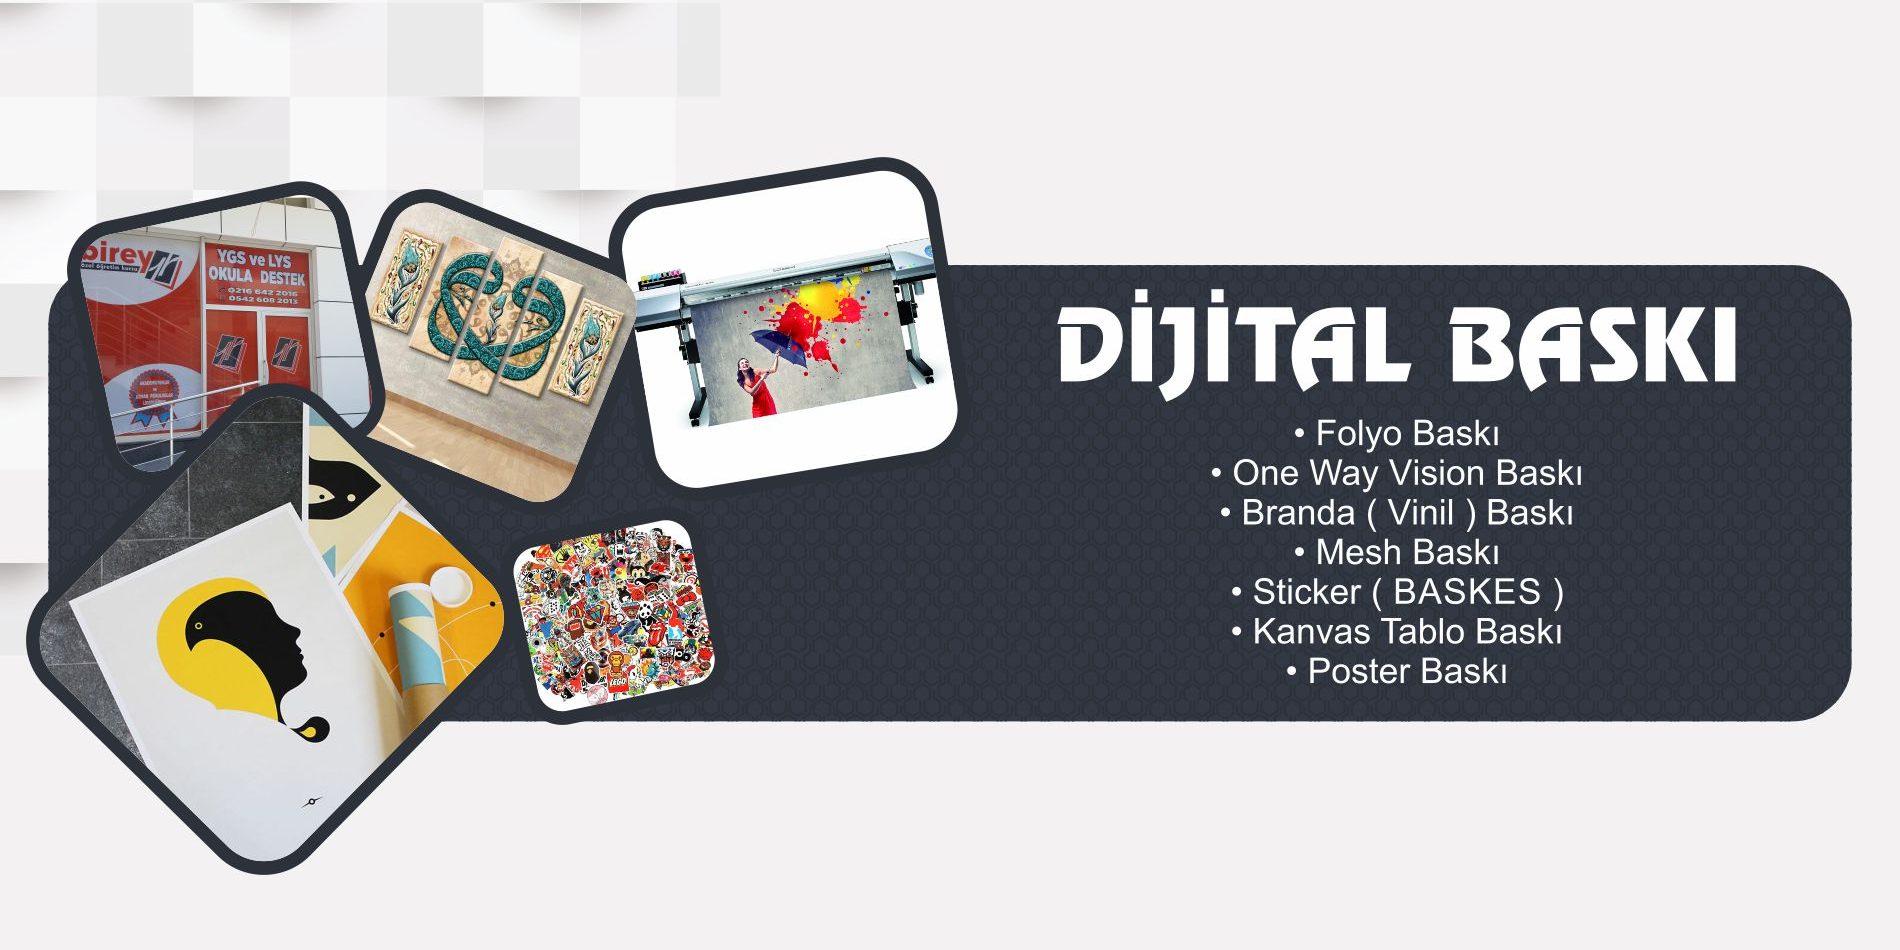 ankara dijital baskı hizmetleri, folyo baskı, branda baskı ankara, tetik reklam ankara